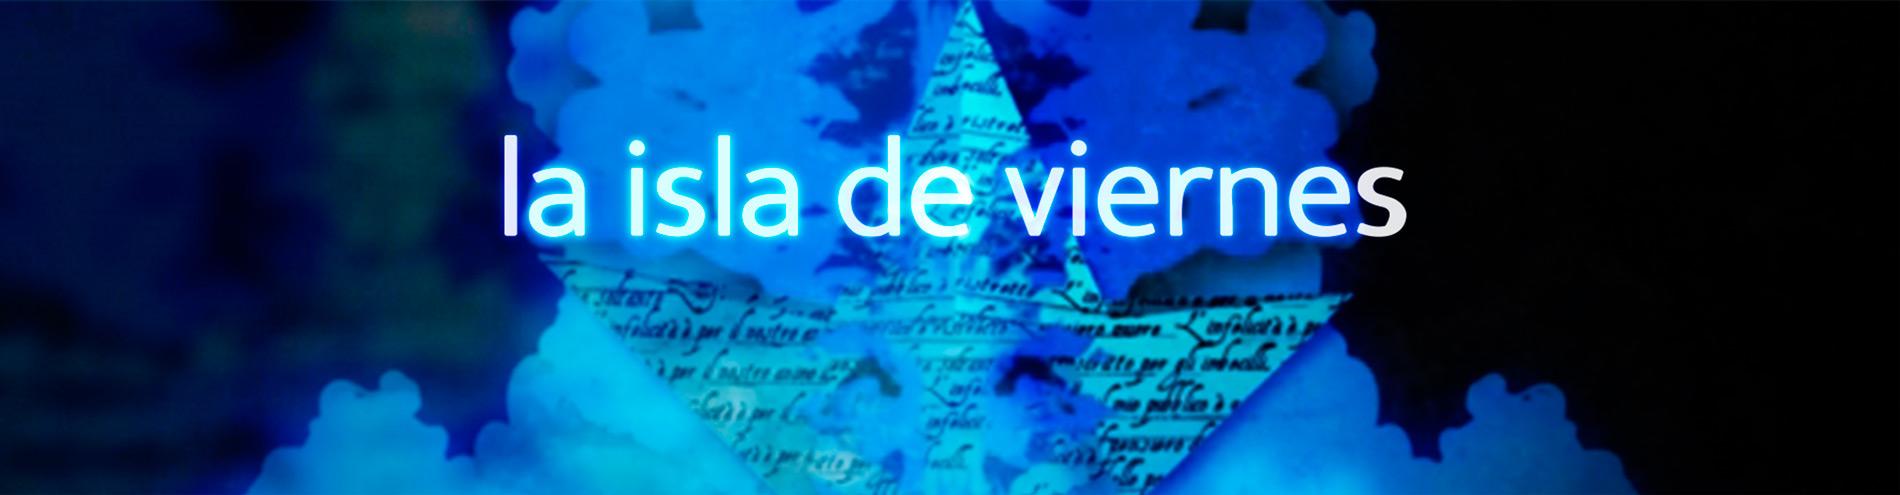 La Isla de Viernes Gestorex Canal Extremadura